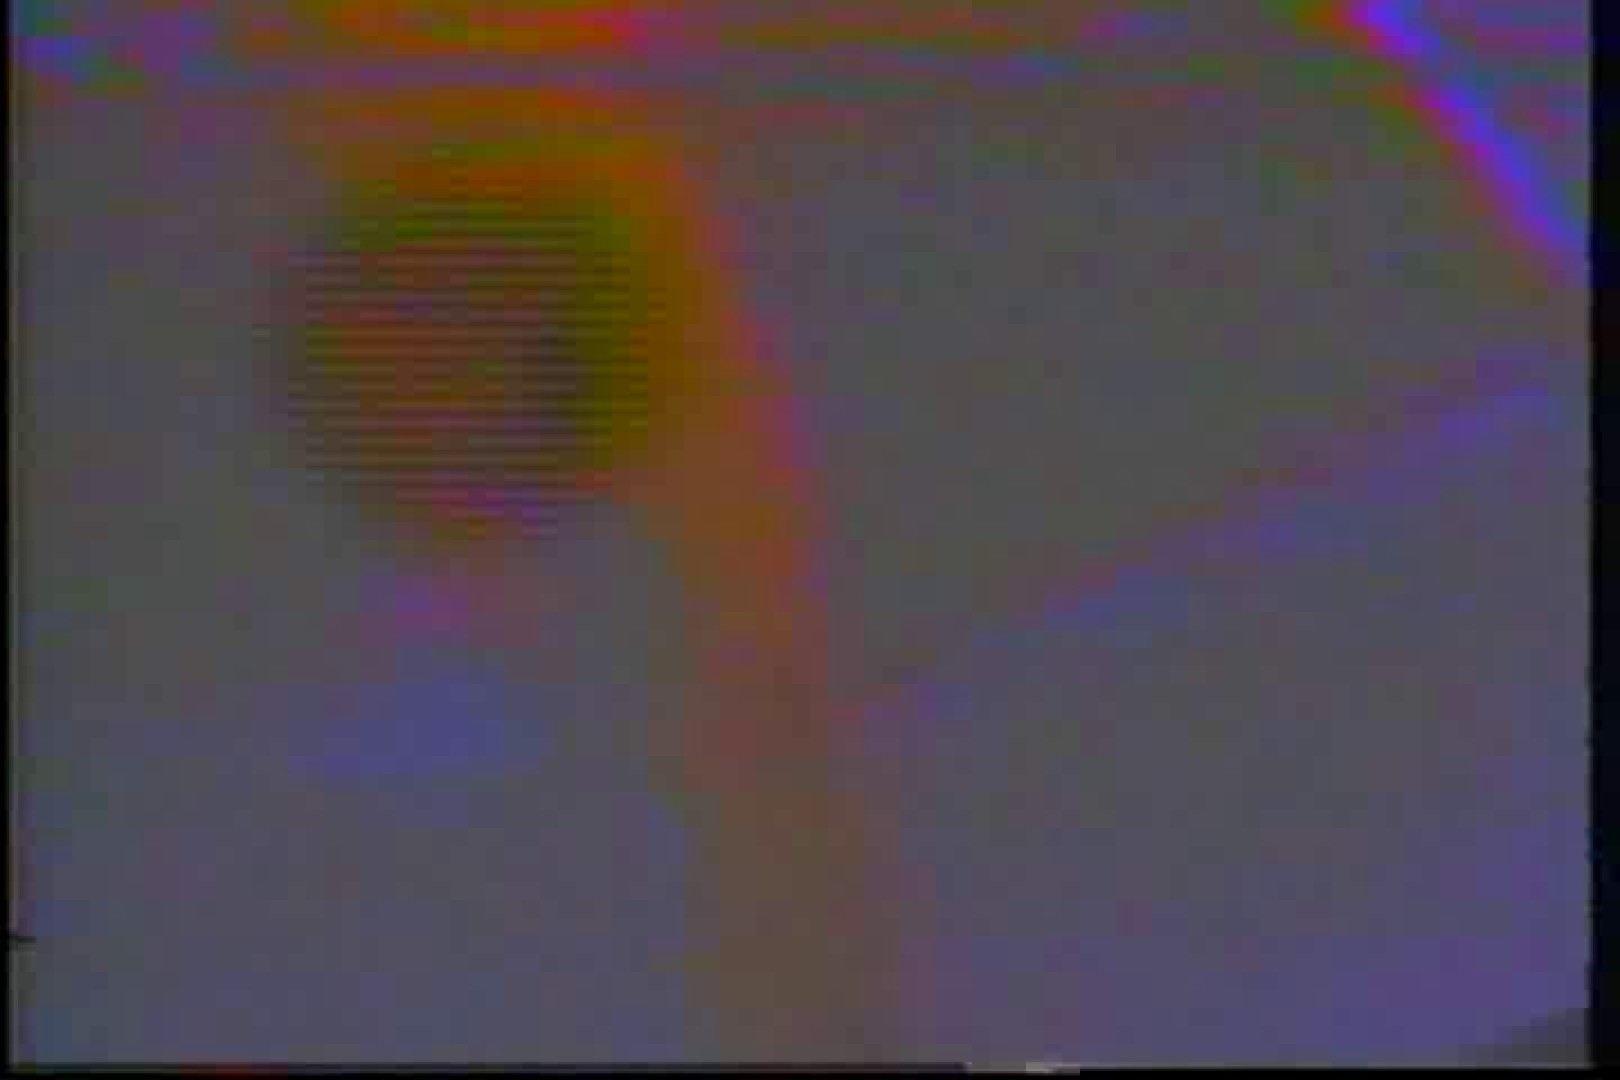 海の家の個室更衣室盗撮 全身全裸が丸見え TK-95 グループ乱行 AV無料動画キャプチャ 87PIX 79